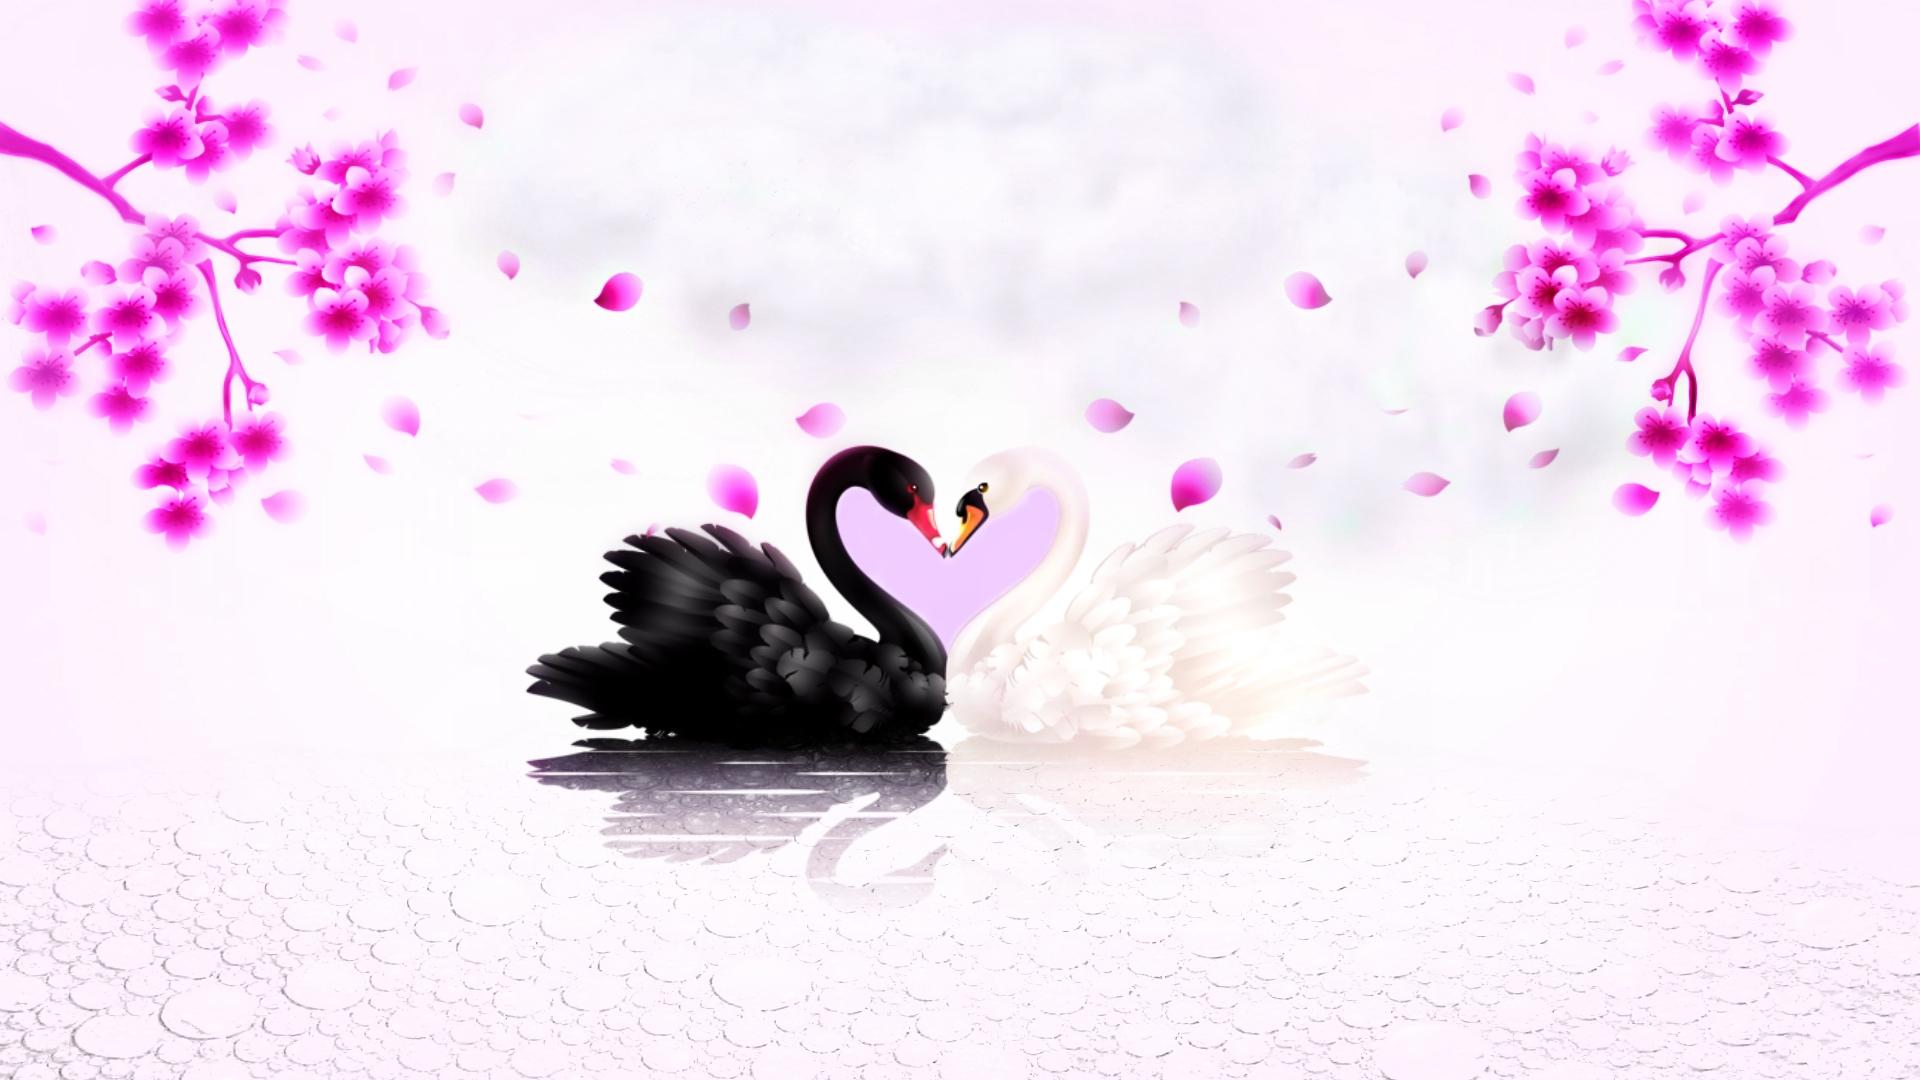 hình ảnh chim thiên nga